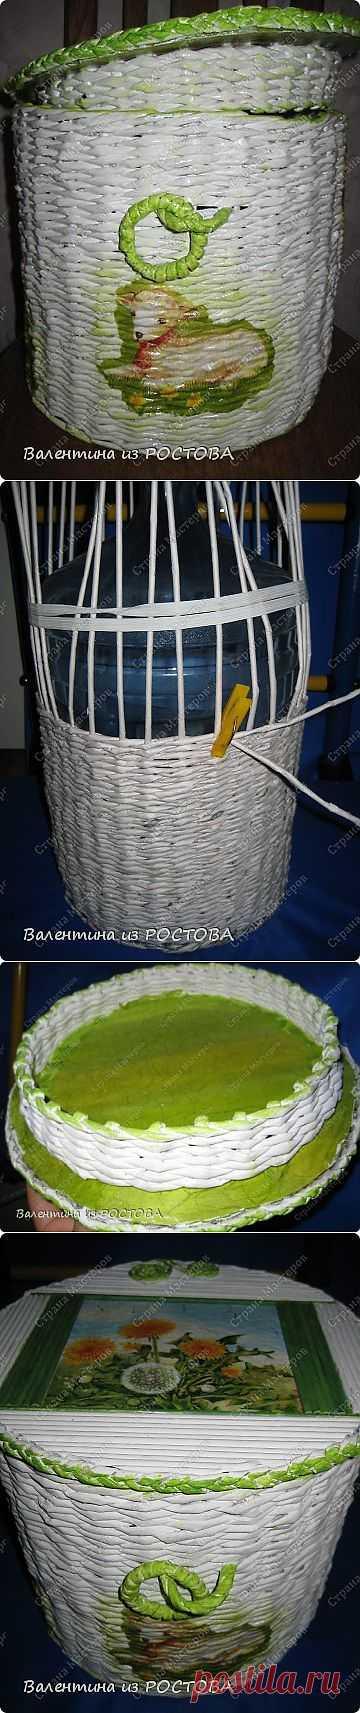 плетеная корзина +МК крышки с бортиком | Страна Мастеров